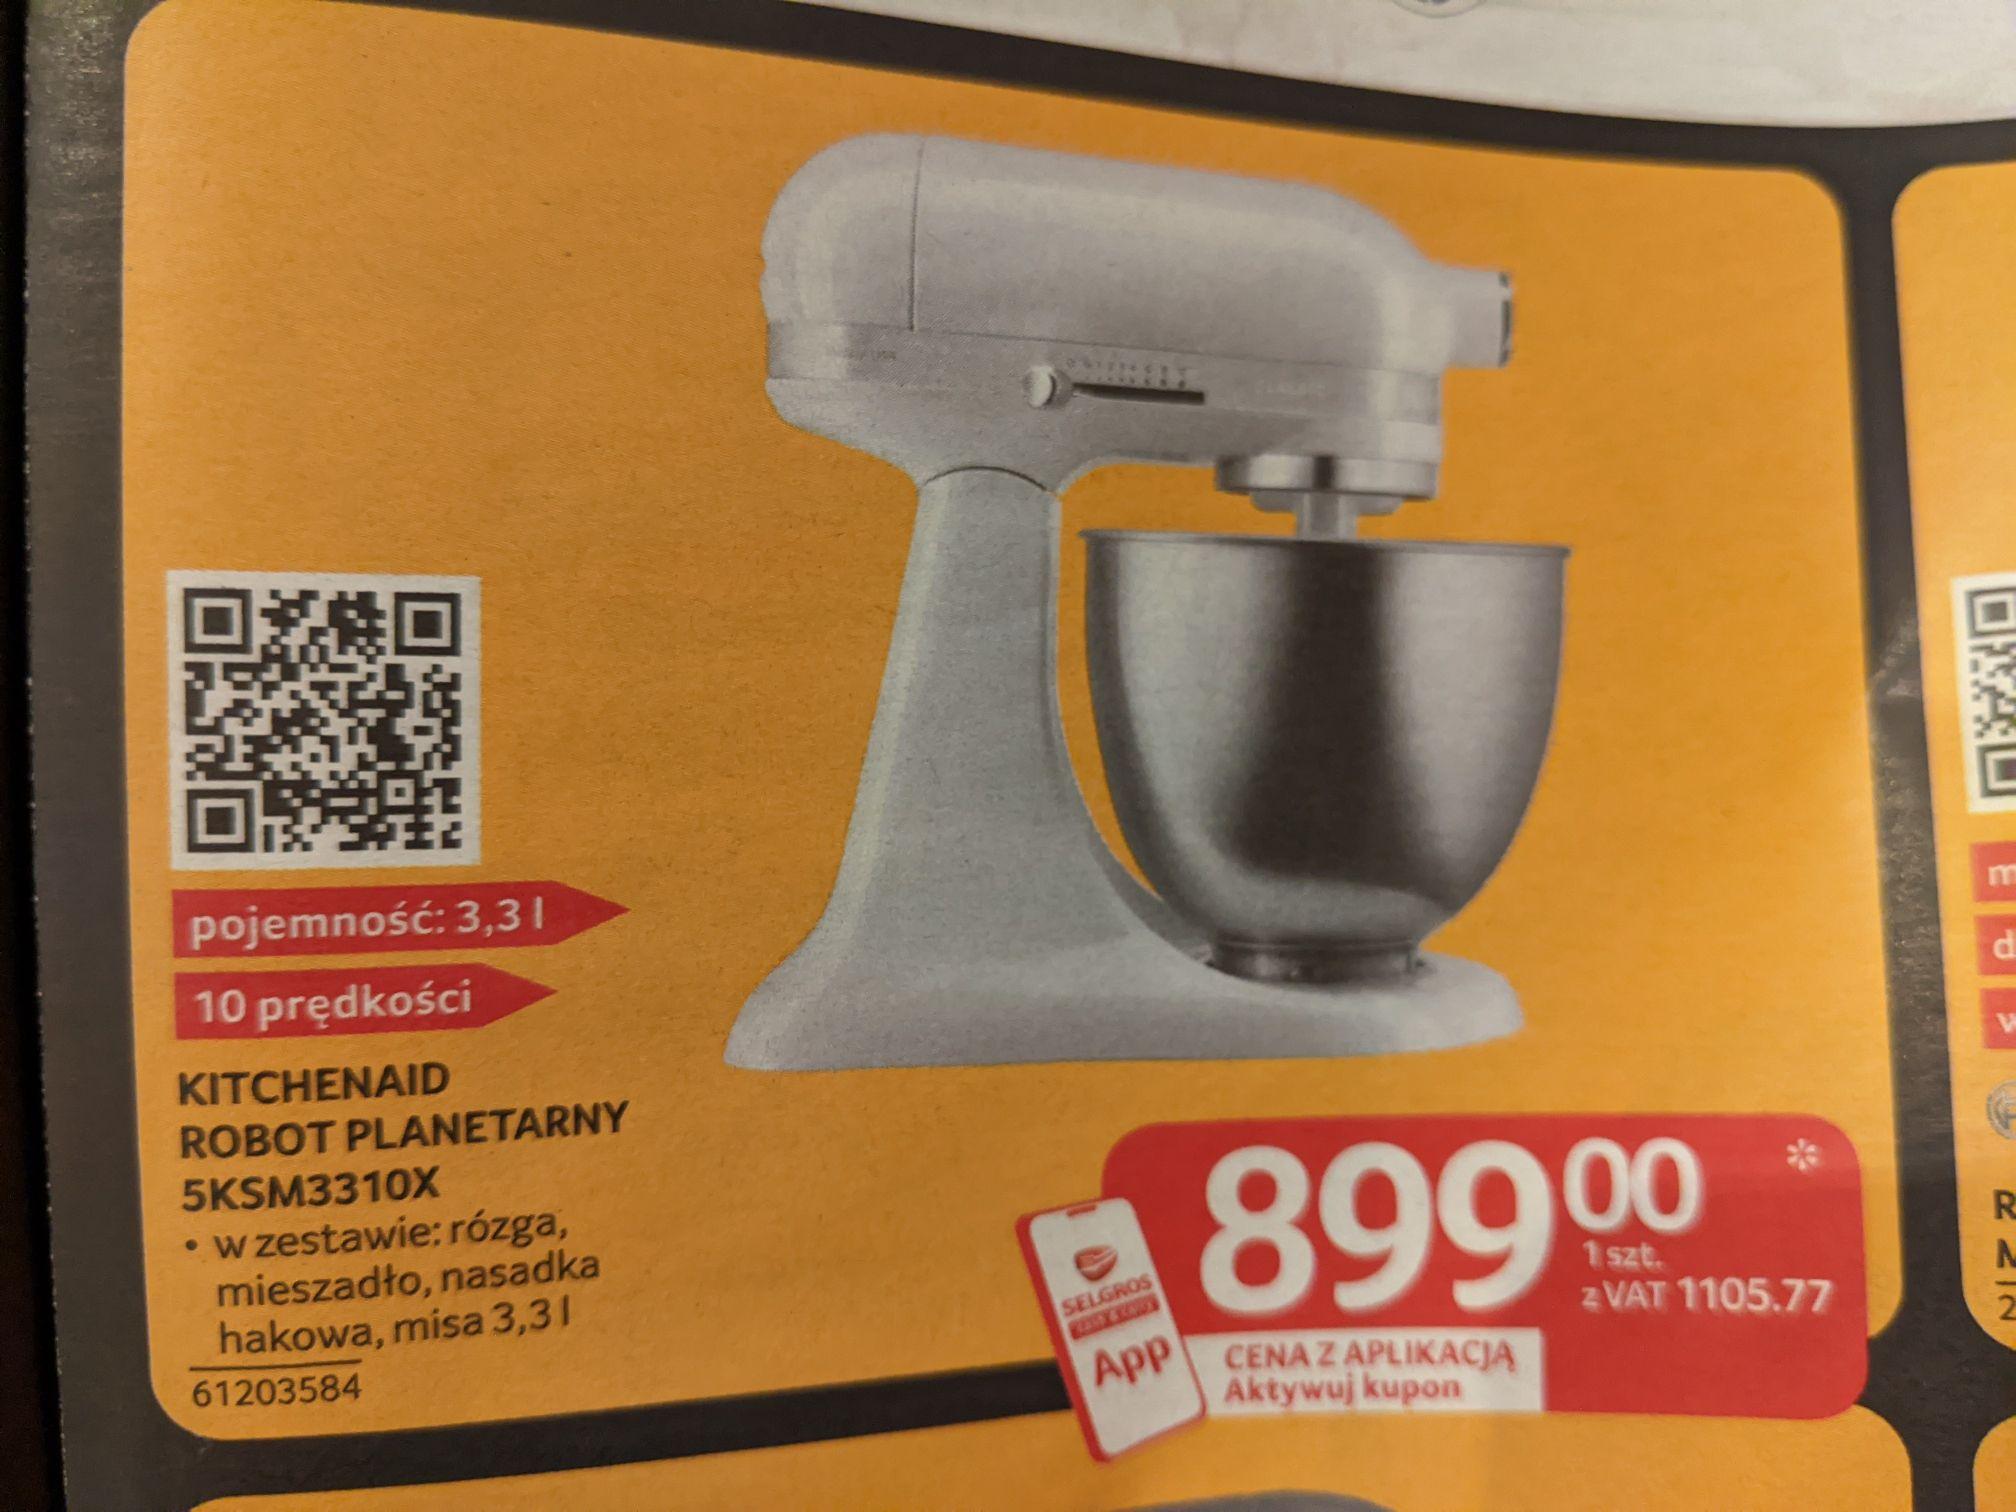 KitchenAid robot planetarny Classic. Cena z aplikacją